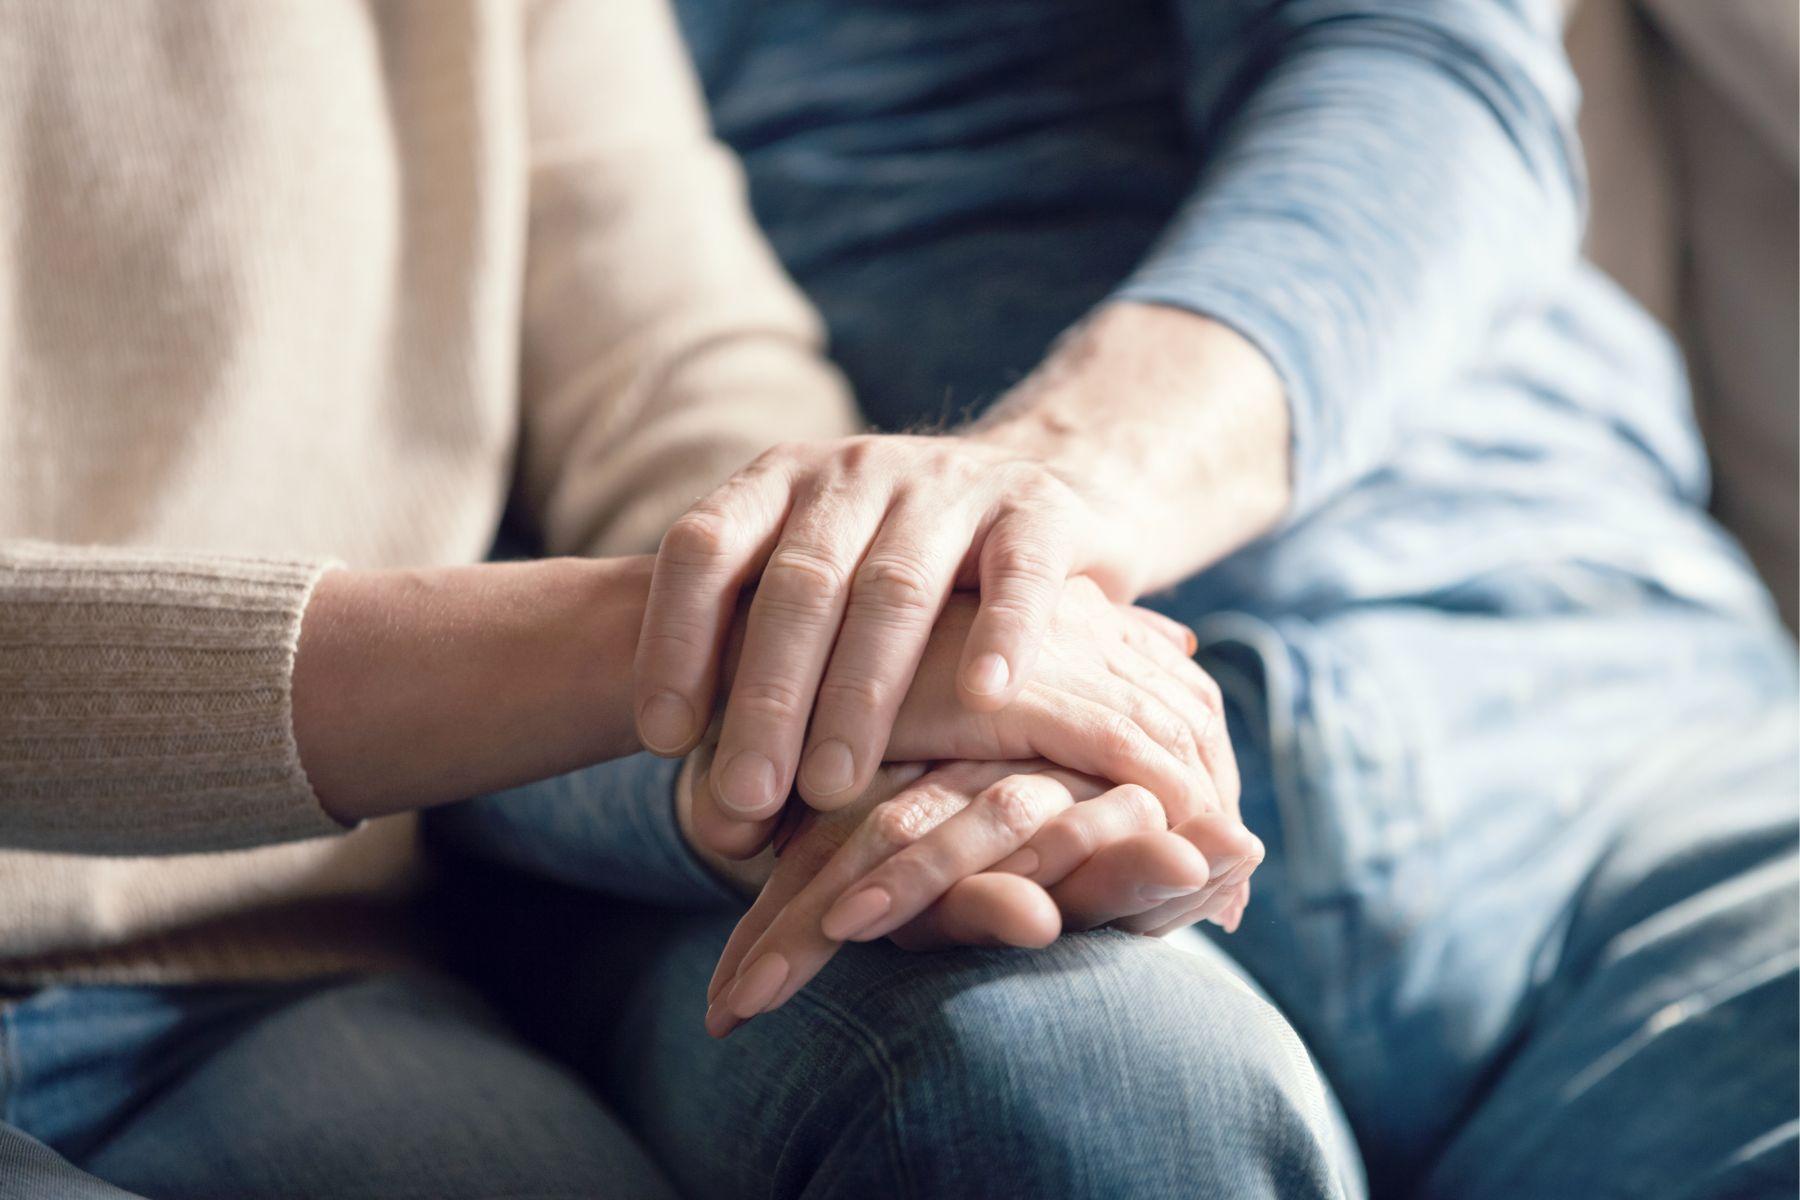 成為照顧者教我的事:當人最不可愛時,就是最需要被愛的時候